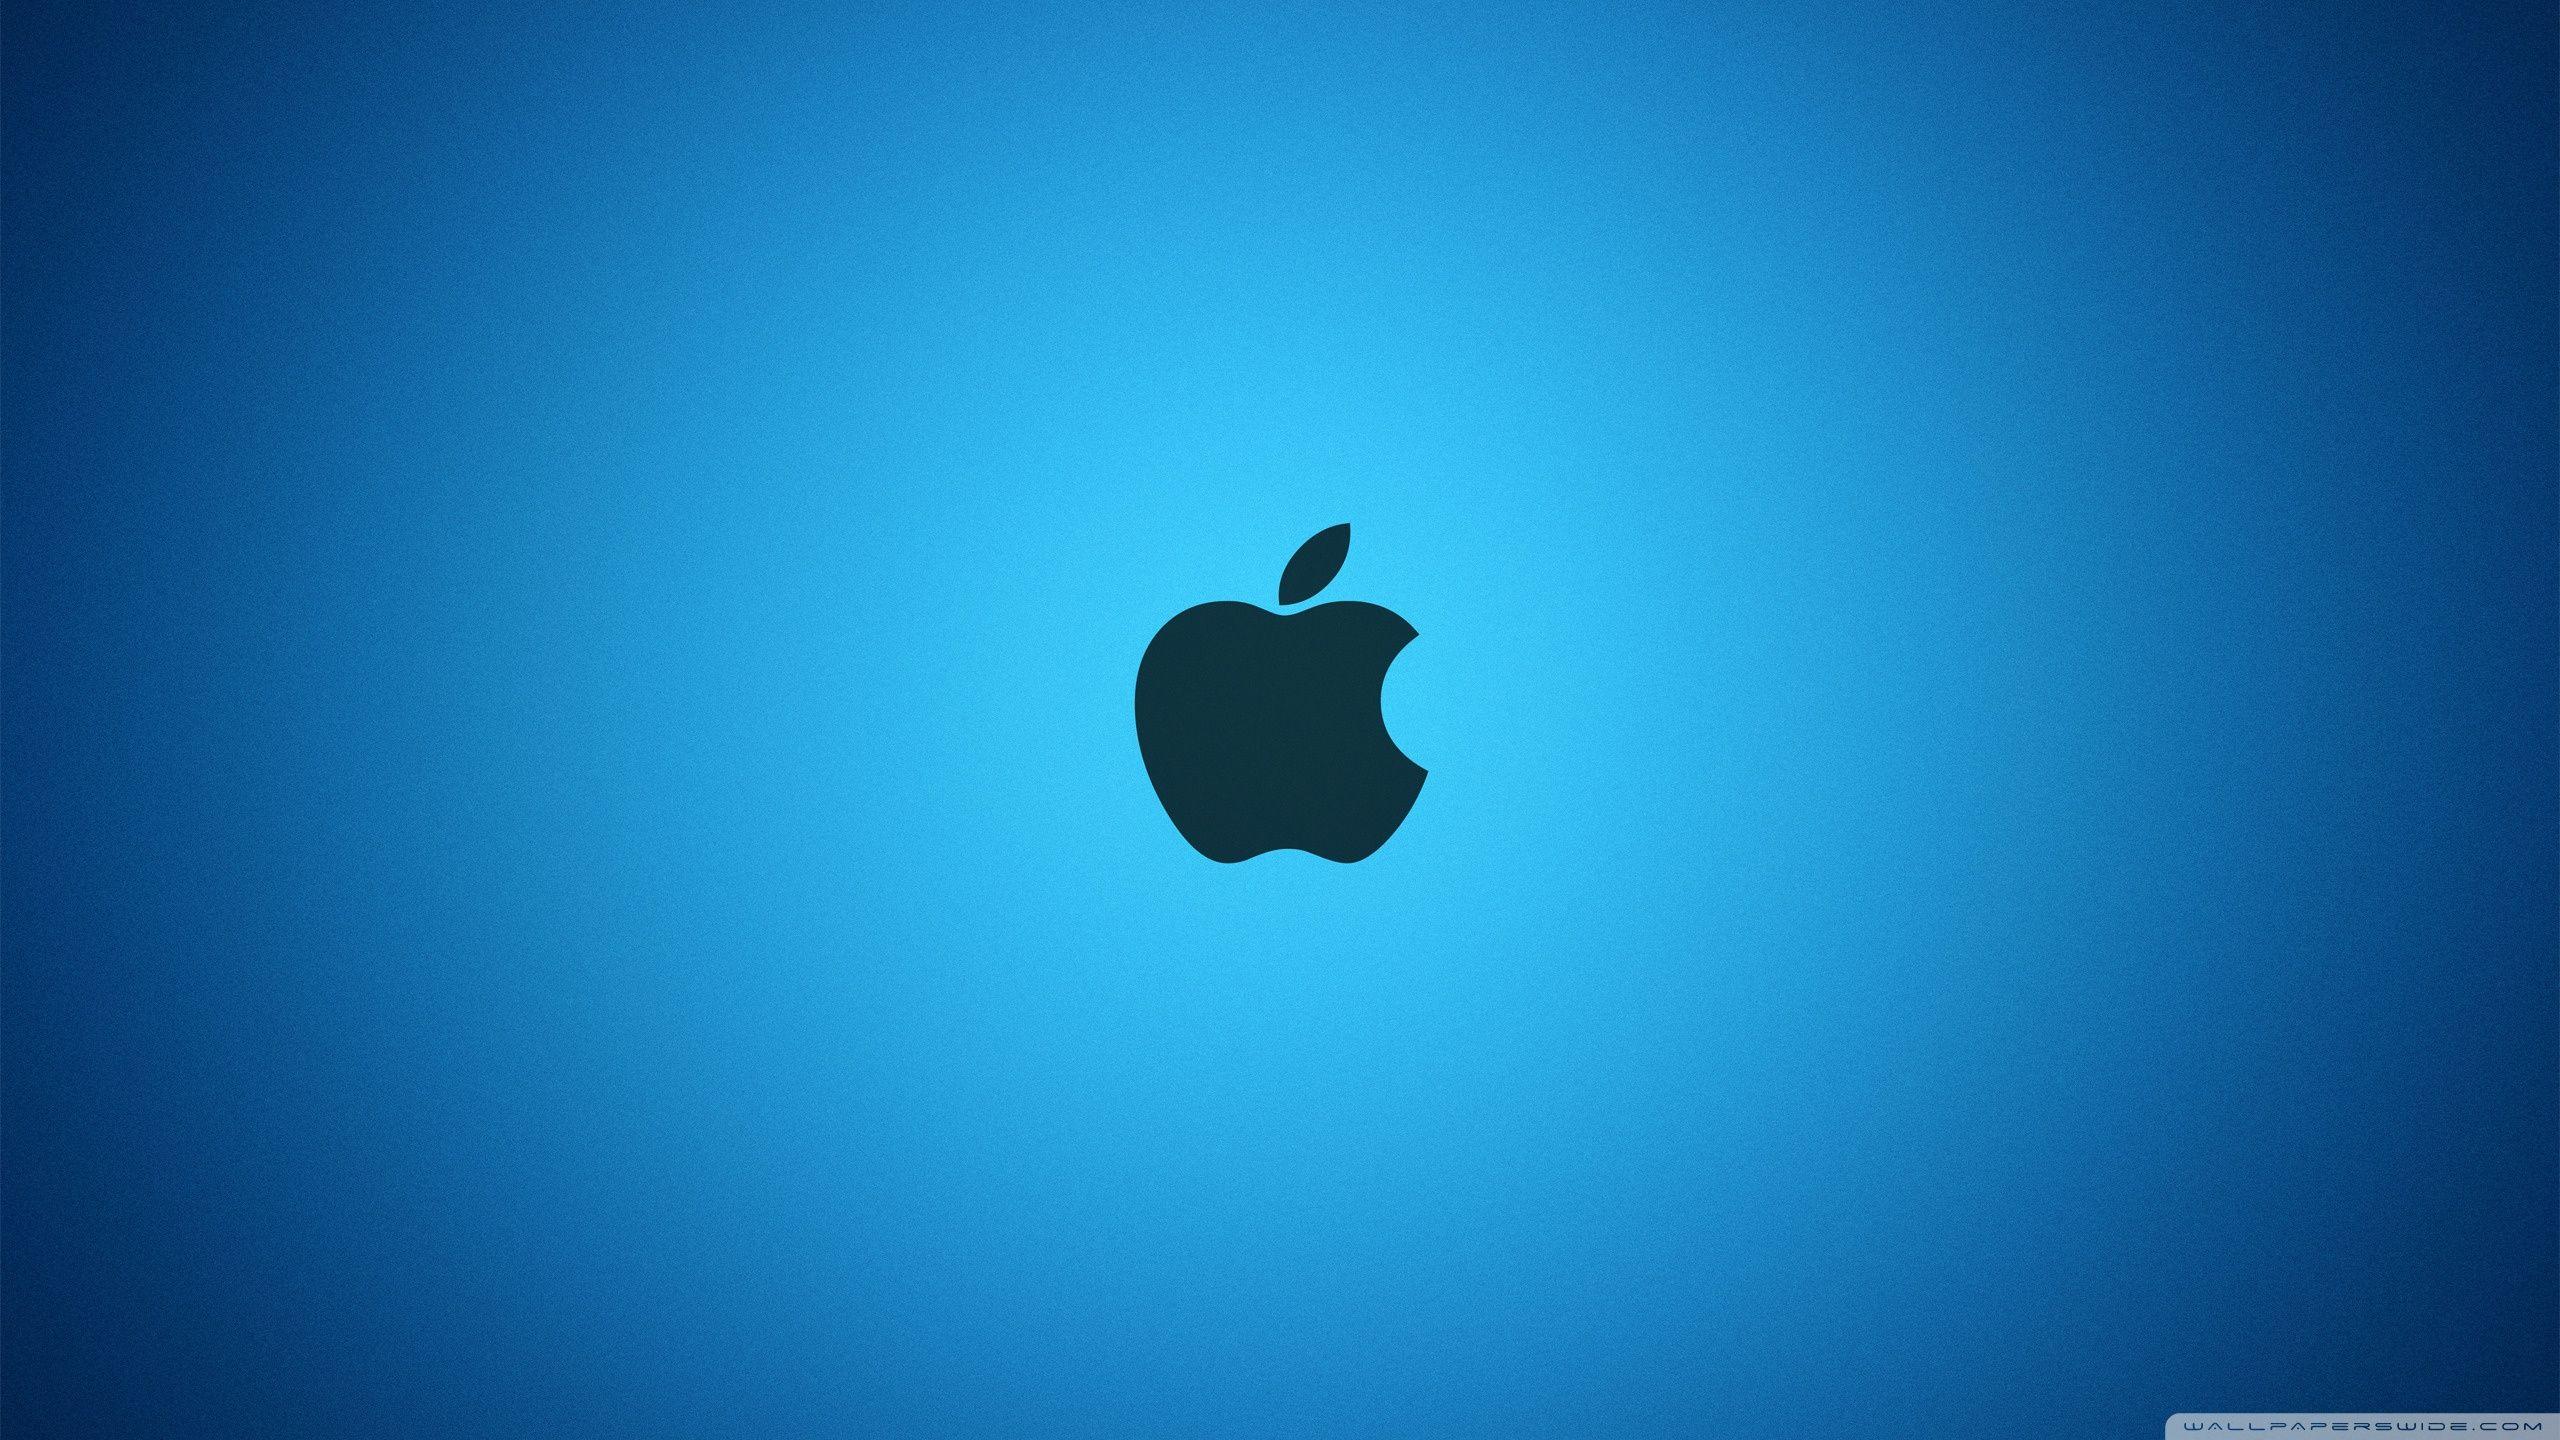 Green Apple Logo Hd Desktop Wallpaper High Definition 1920 1200 Apple Logo Wallpapers 48 Wallpapers Apple Logo Wallpaper Apple Wallpaper Hd Apple Wallpapers